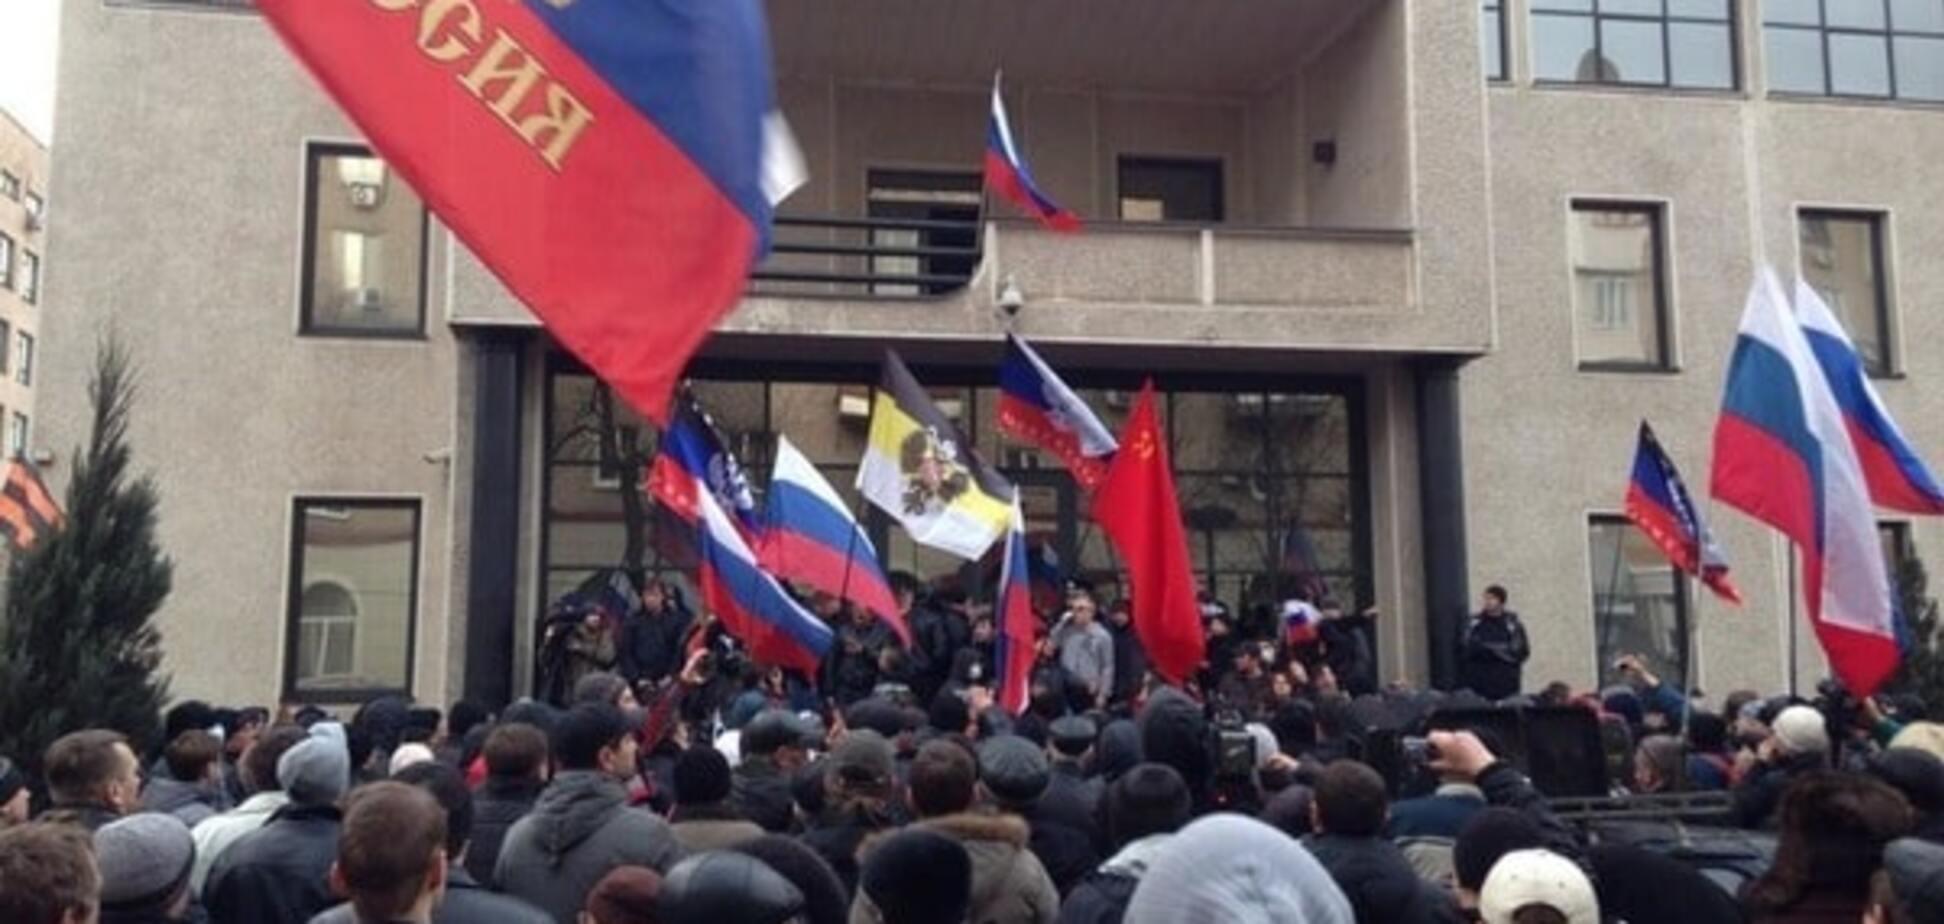 Сепаратизму на Донбасі ніколи не було, а війну організував Кремль - російський політик